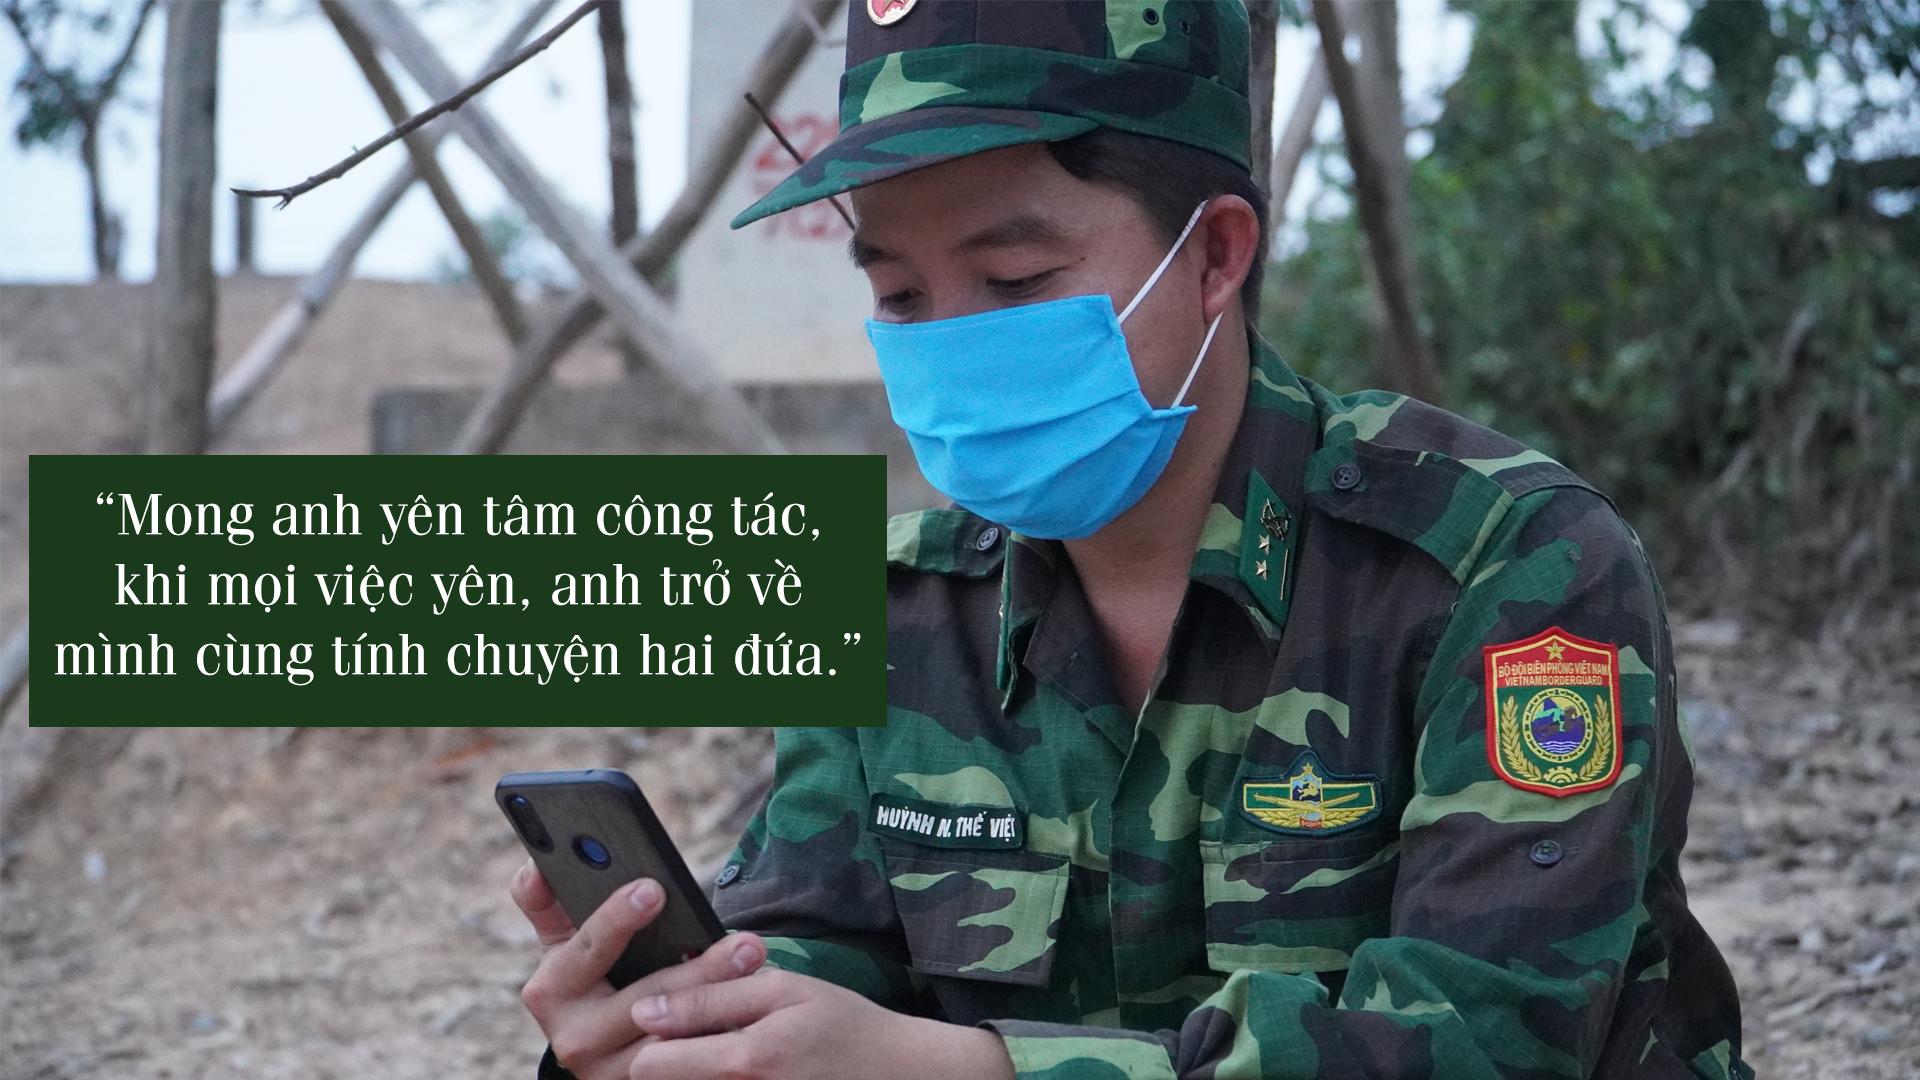 Tâm sự của chiến sĩ biên giới Tây Nam những ngày chống dịch - ảnh 5